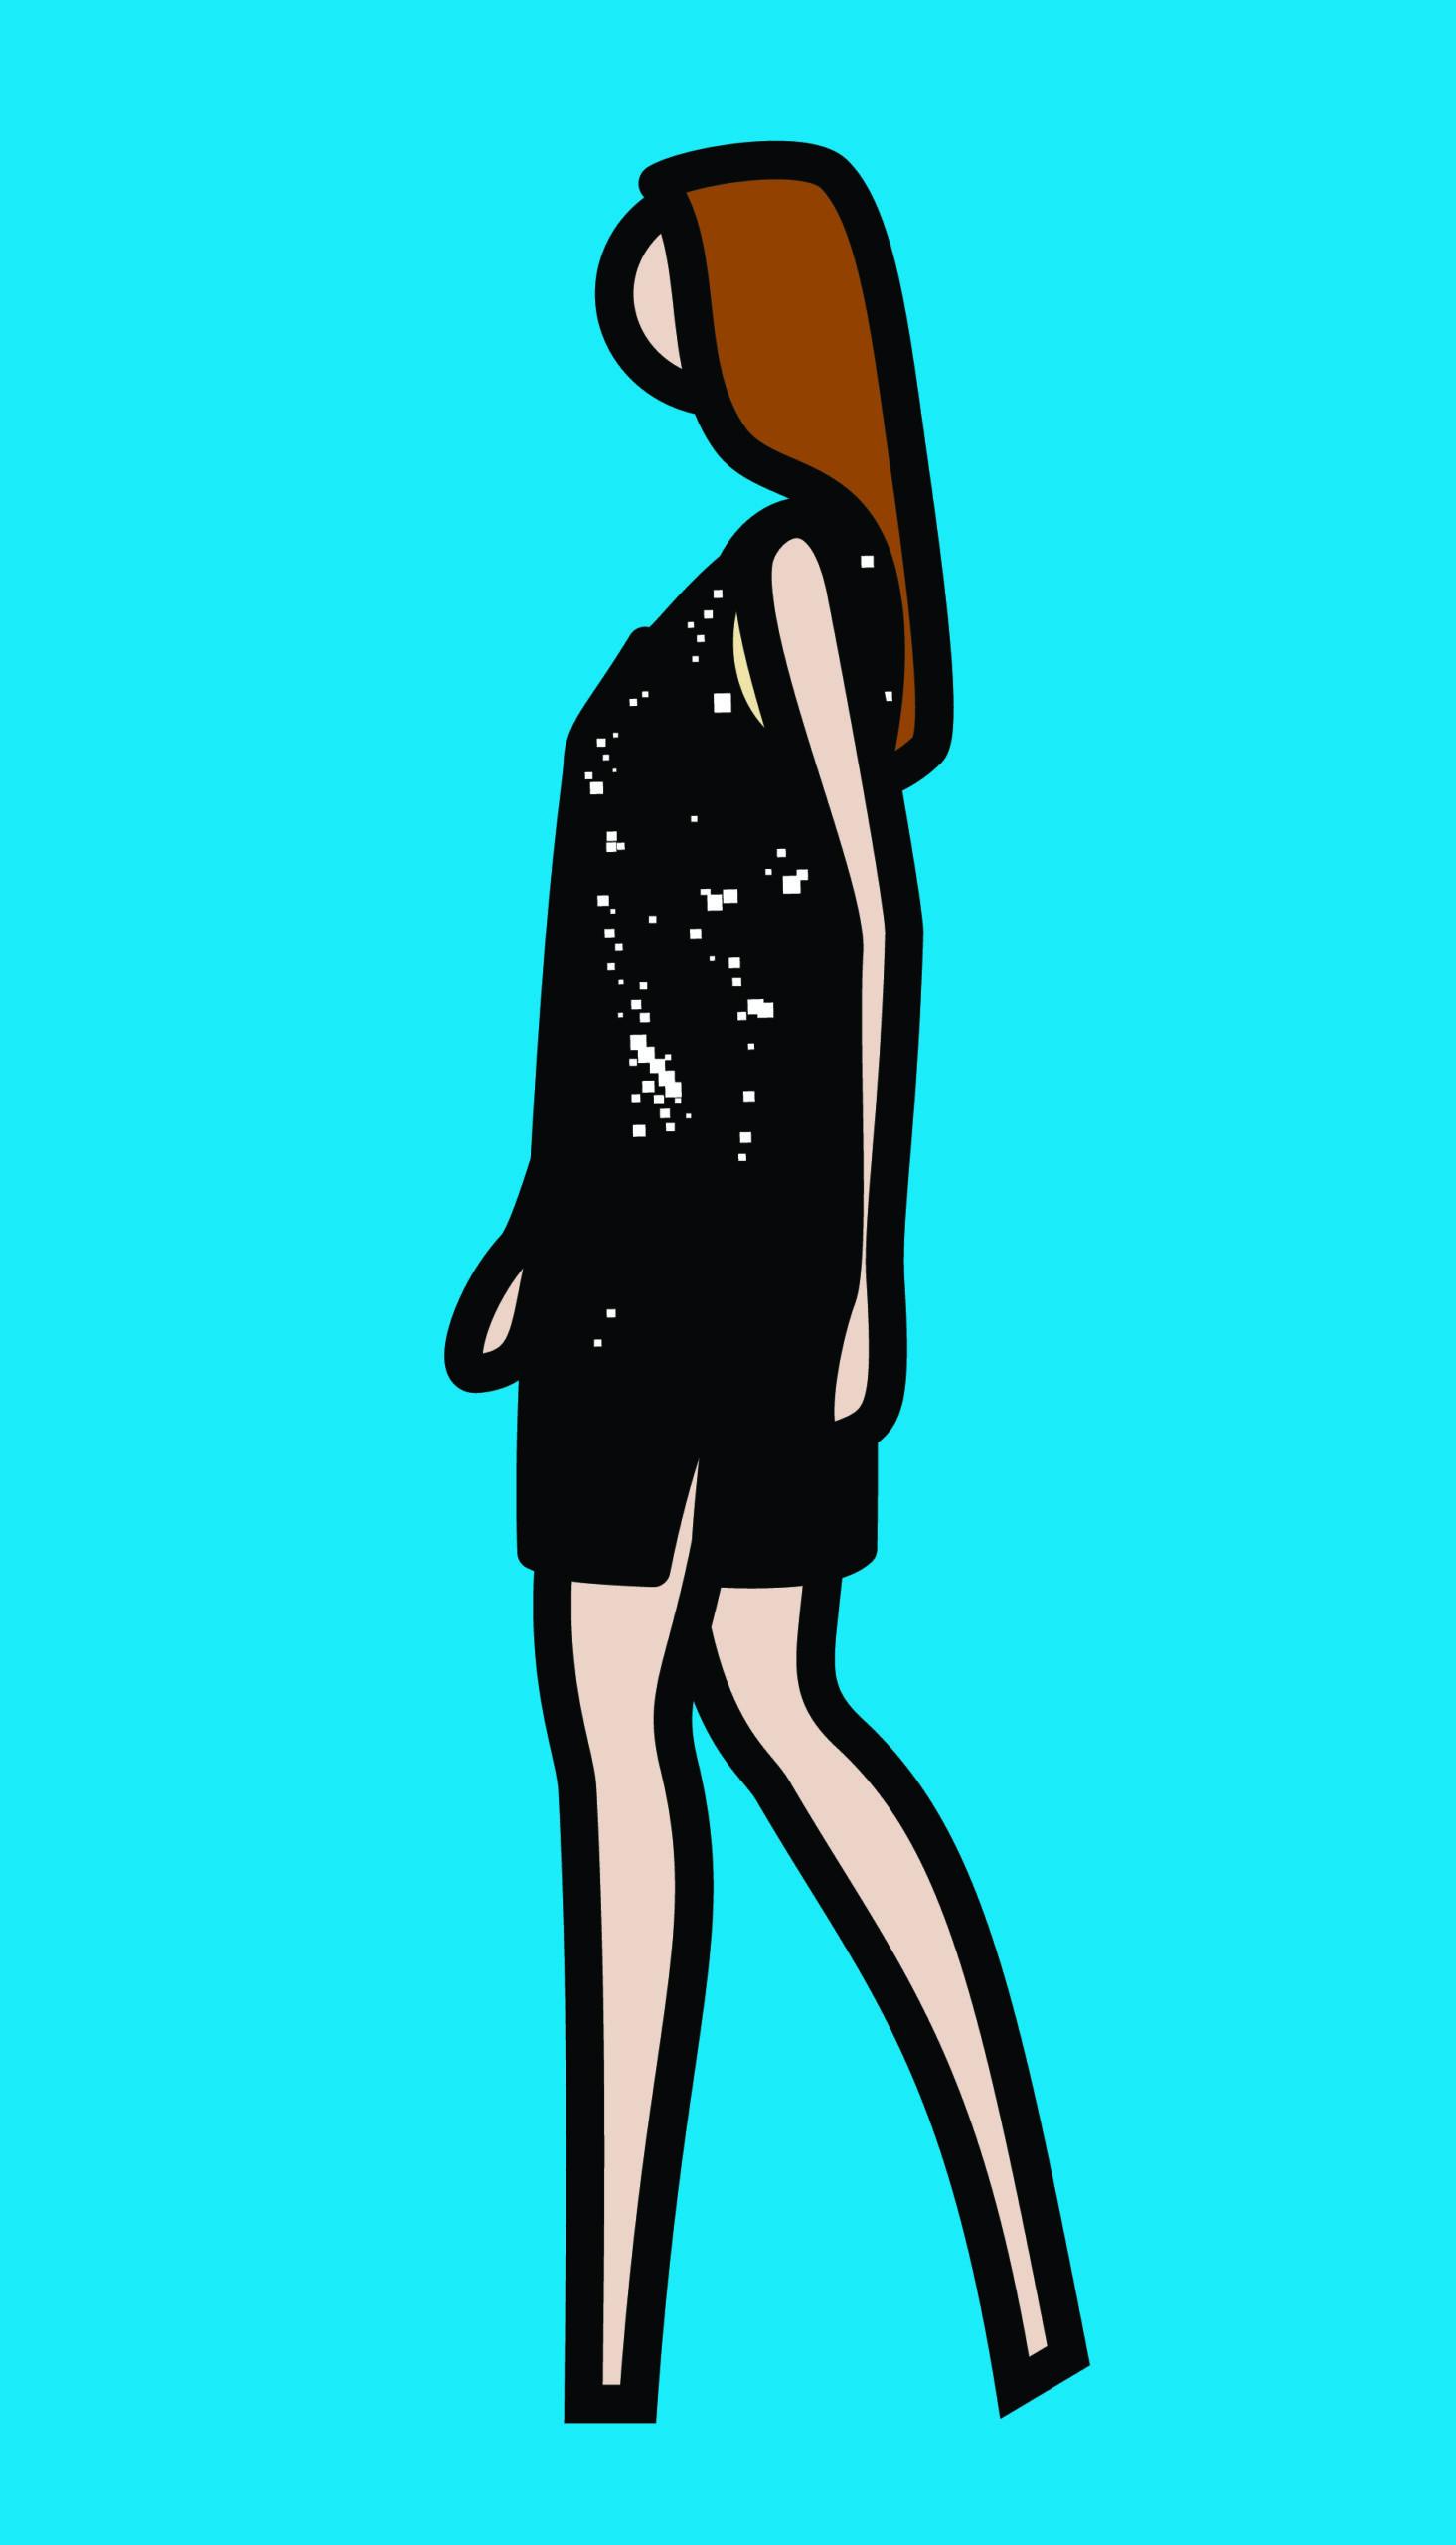 """""""Ruth walking in sparkly dress"""" 2008, serigrafia su tavola di legno dipinta, 88.8 x 47.8 cm"""